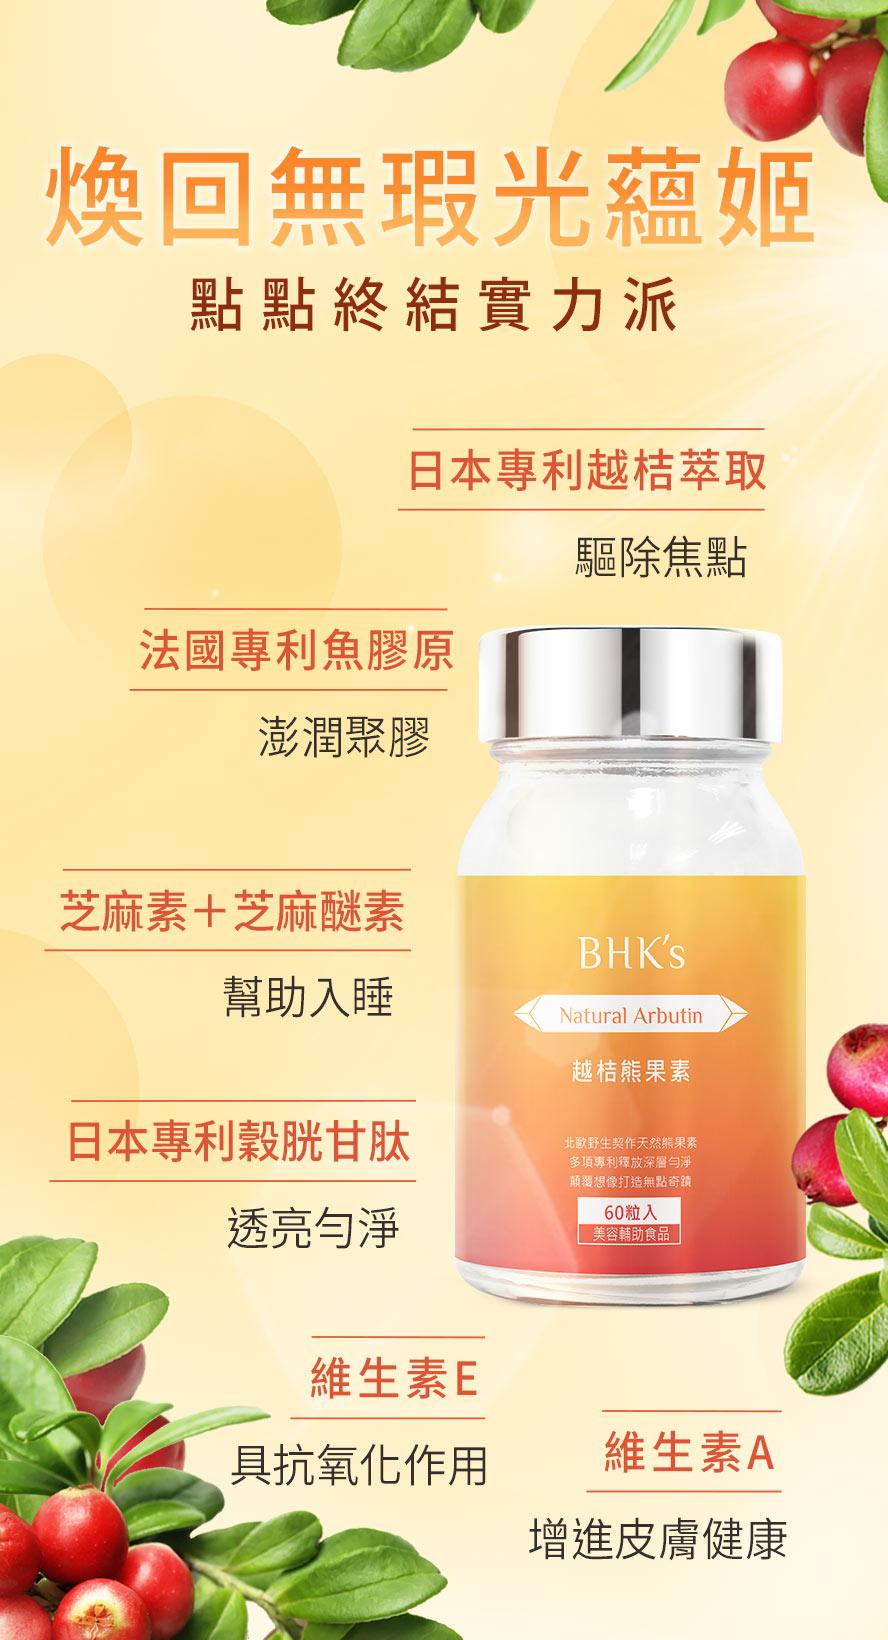 BHK's越桔熊果素使用日本專利越桔萃取熊果素跟法國專利魚膠原